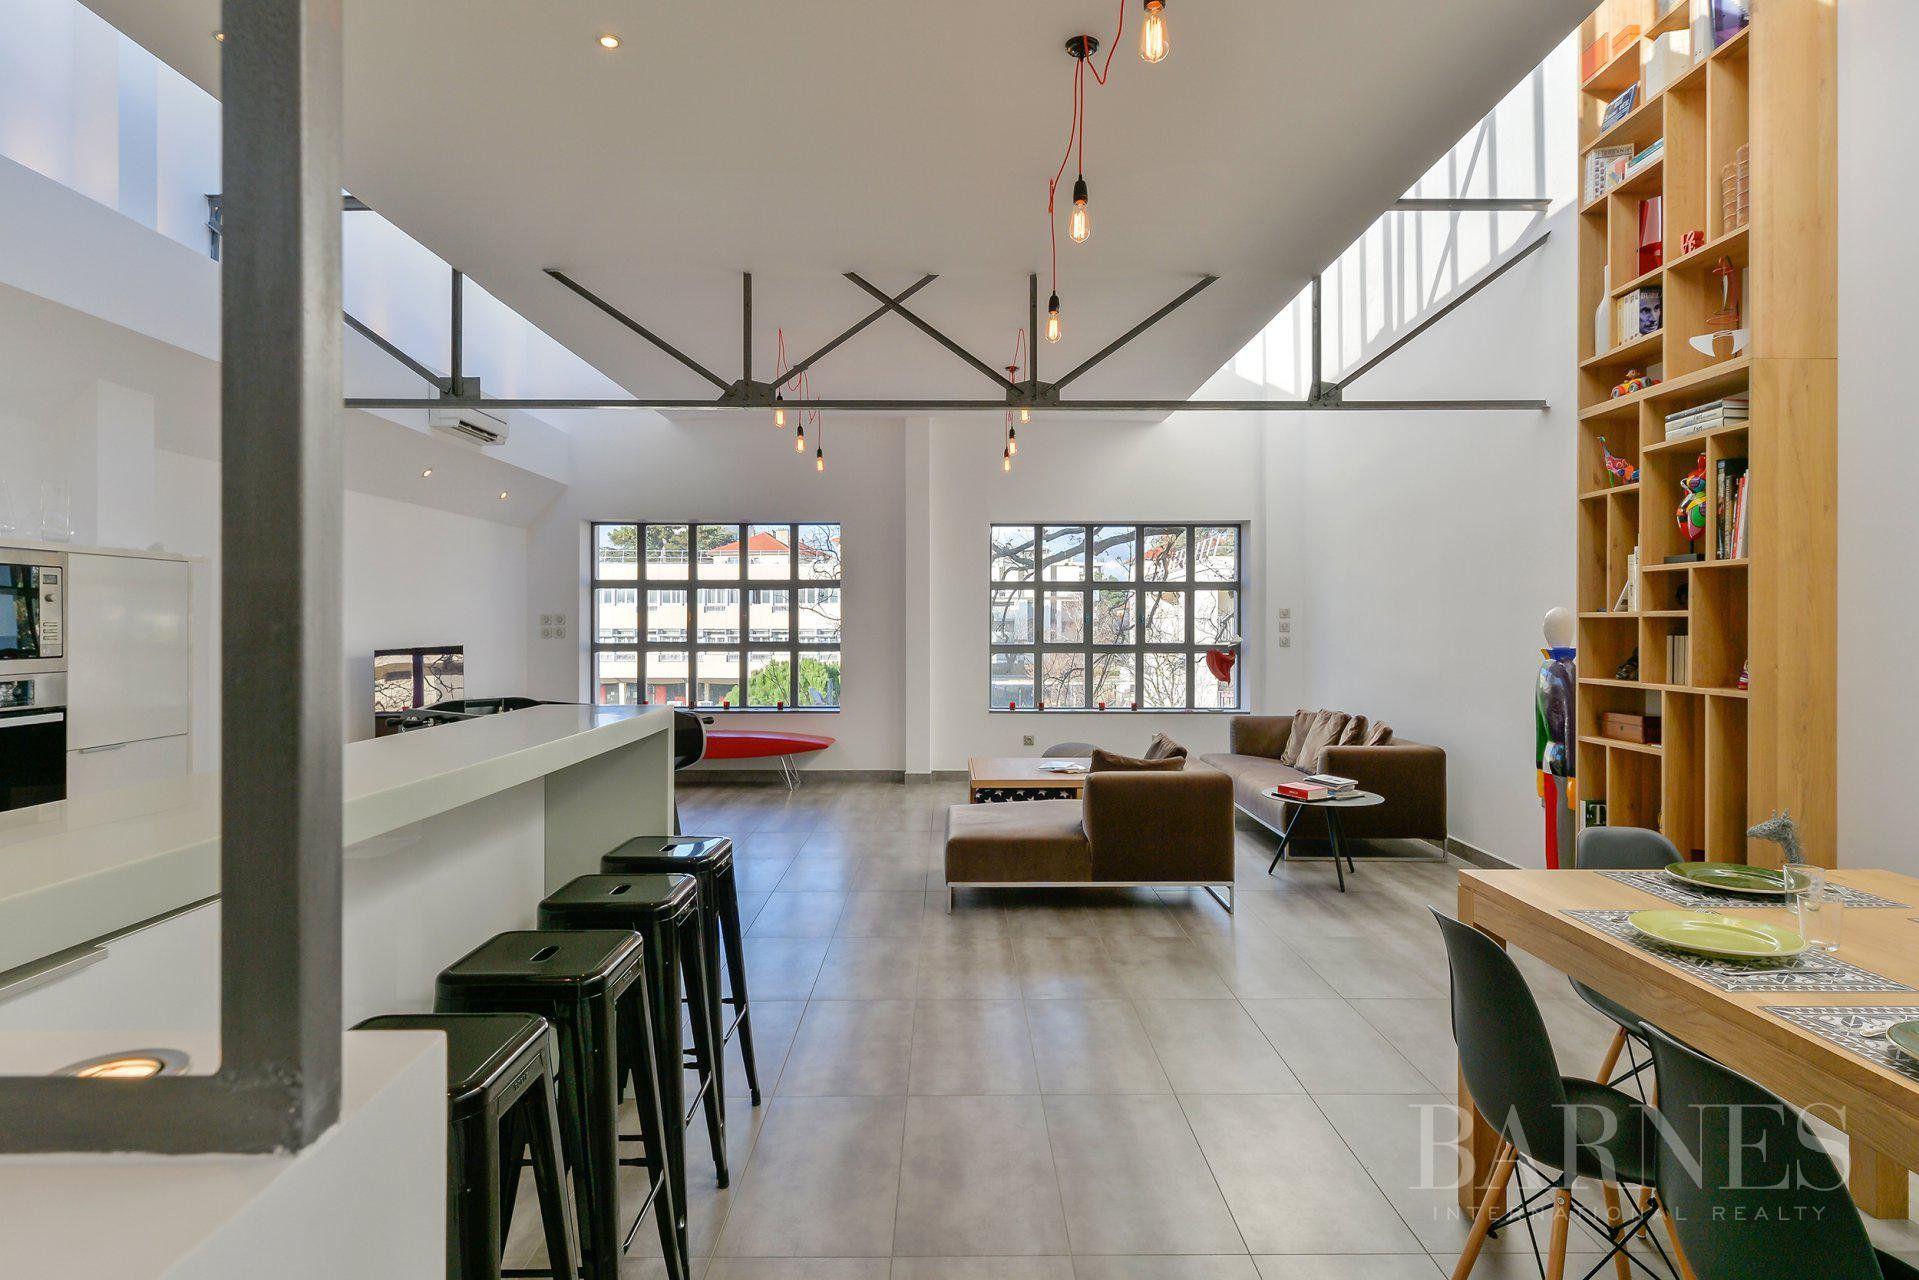 Lyon 4 - Croix-Rousse - Loft of 154 sqm - 3 bedrooms